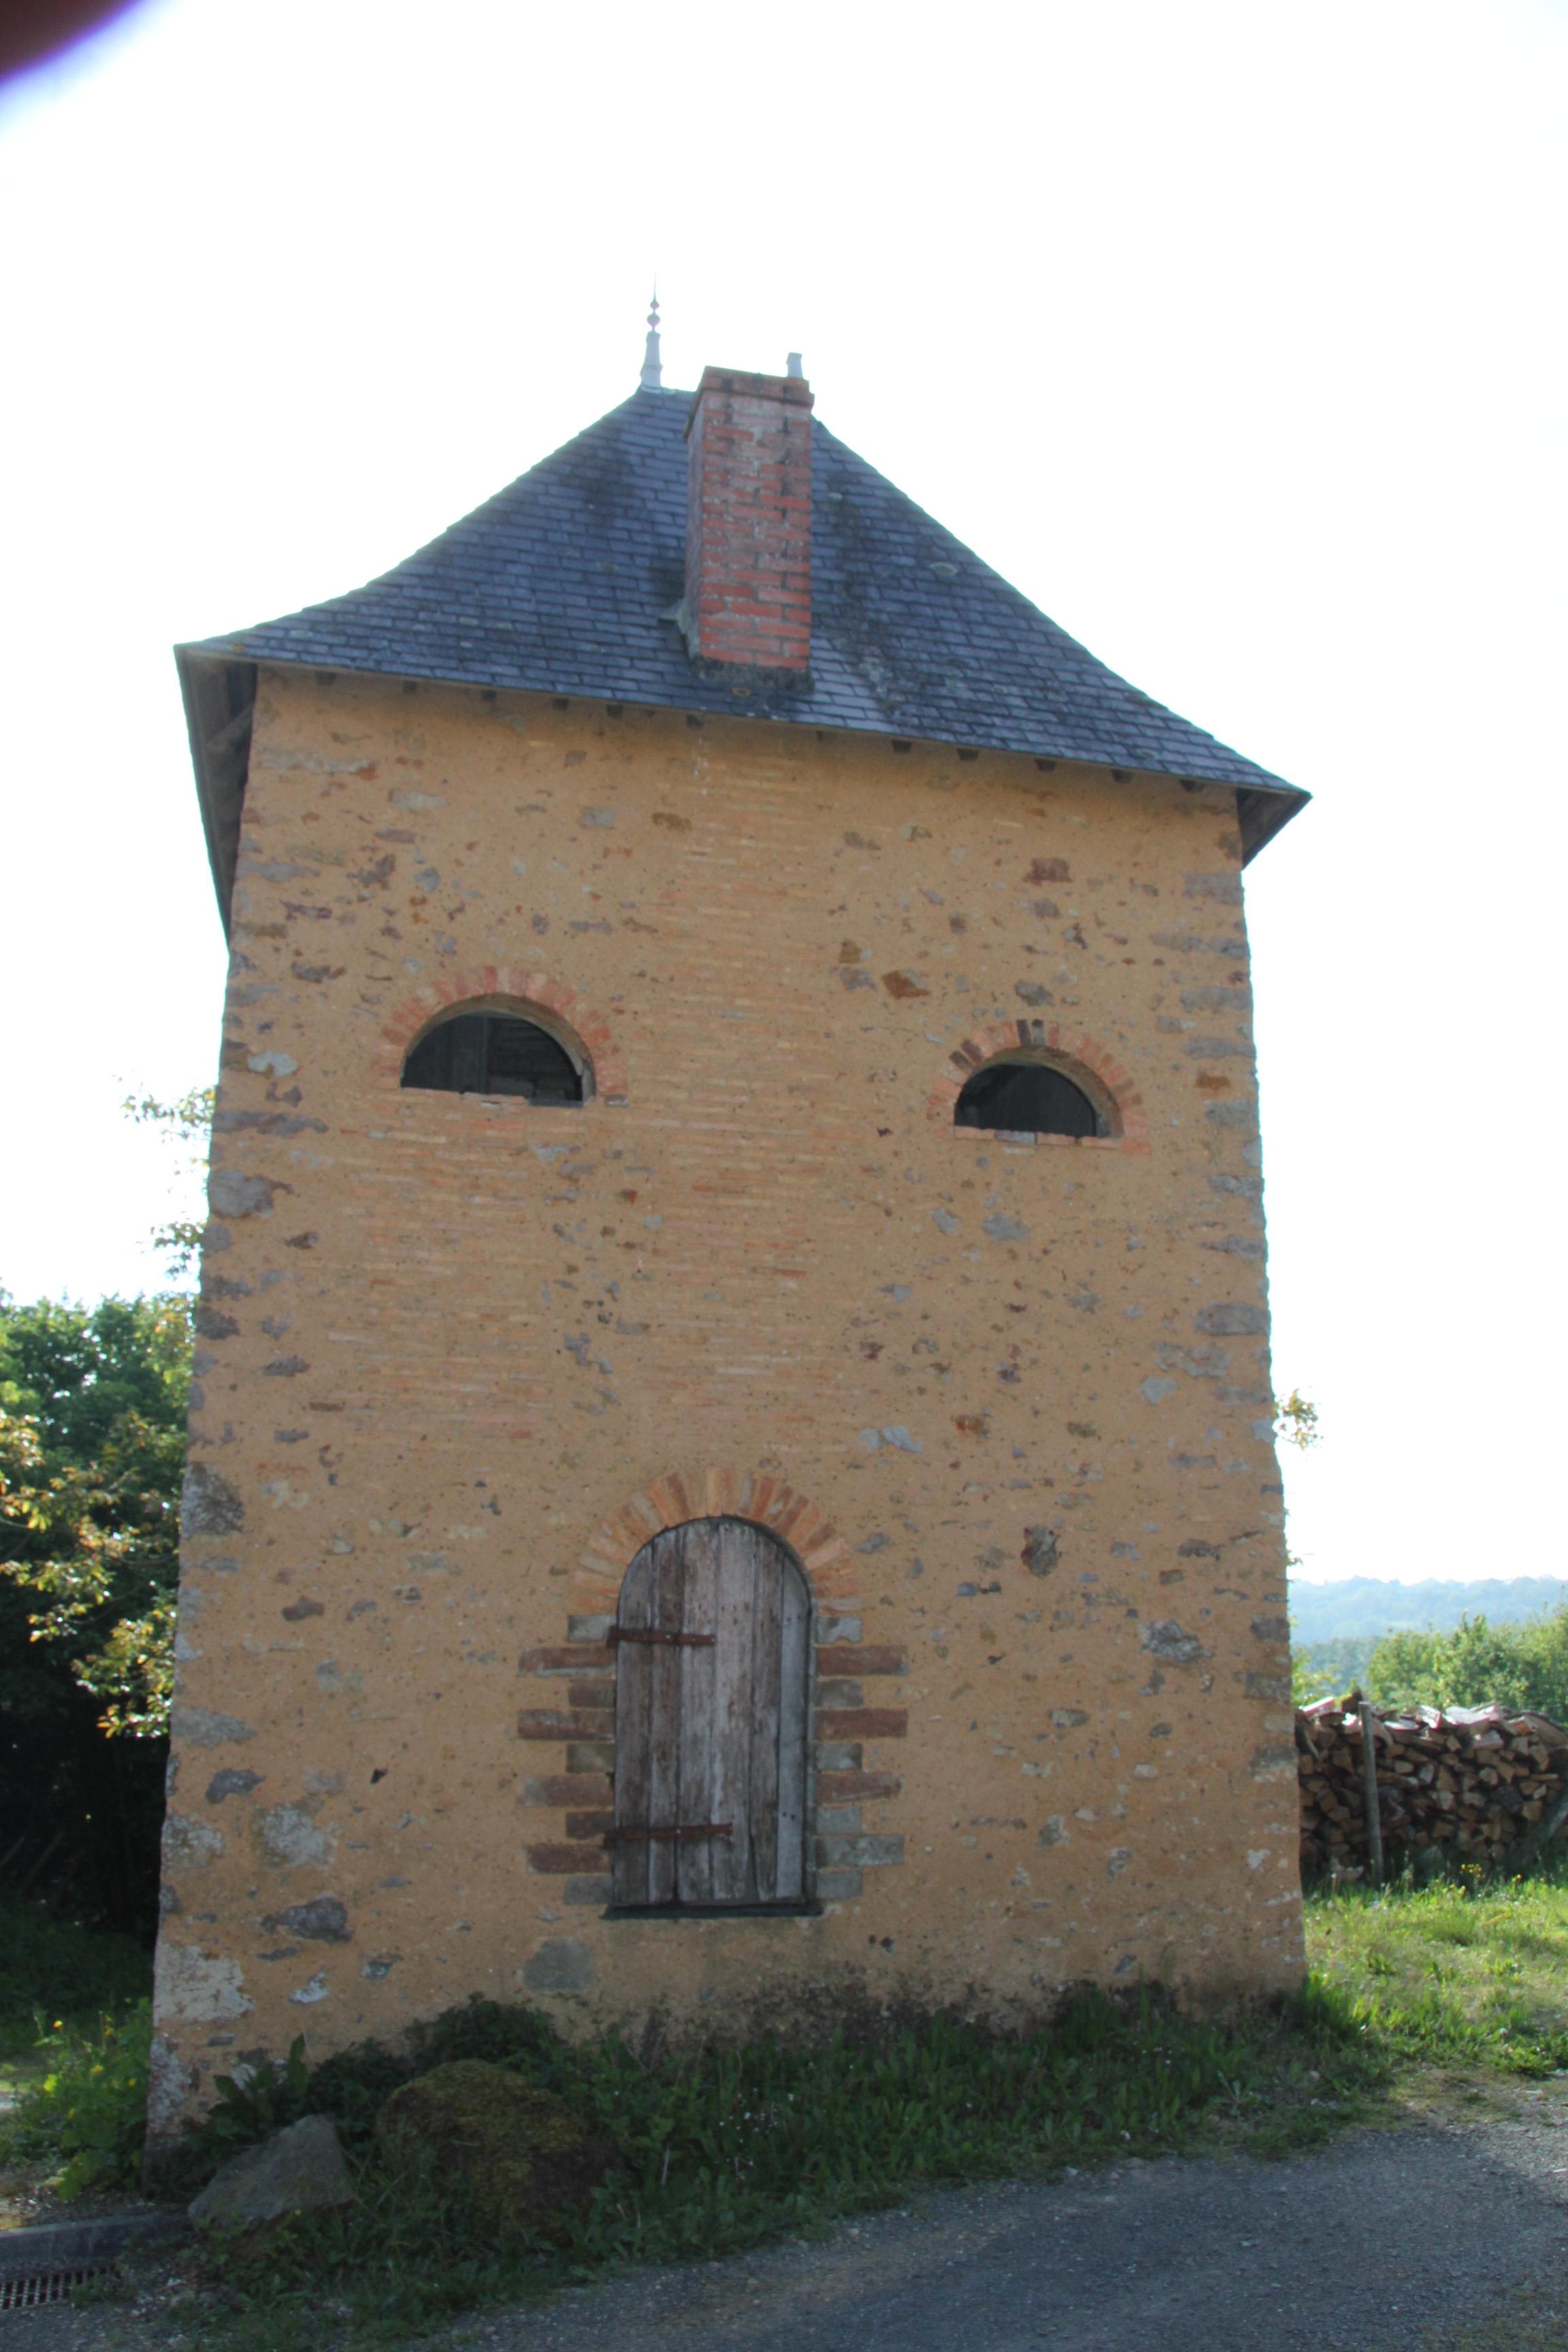 Brûlon - Tour du Pissot - Avec une cheminée, il ne s'agit pas d'un grenier à céréales - La tour du Pissot reste plutôt énigmatique - On pense qu'il s'agit sans doute d'une maison de vigne (Sylvie Leveau)